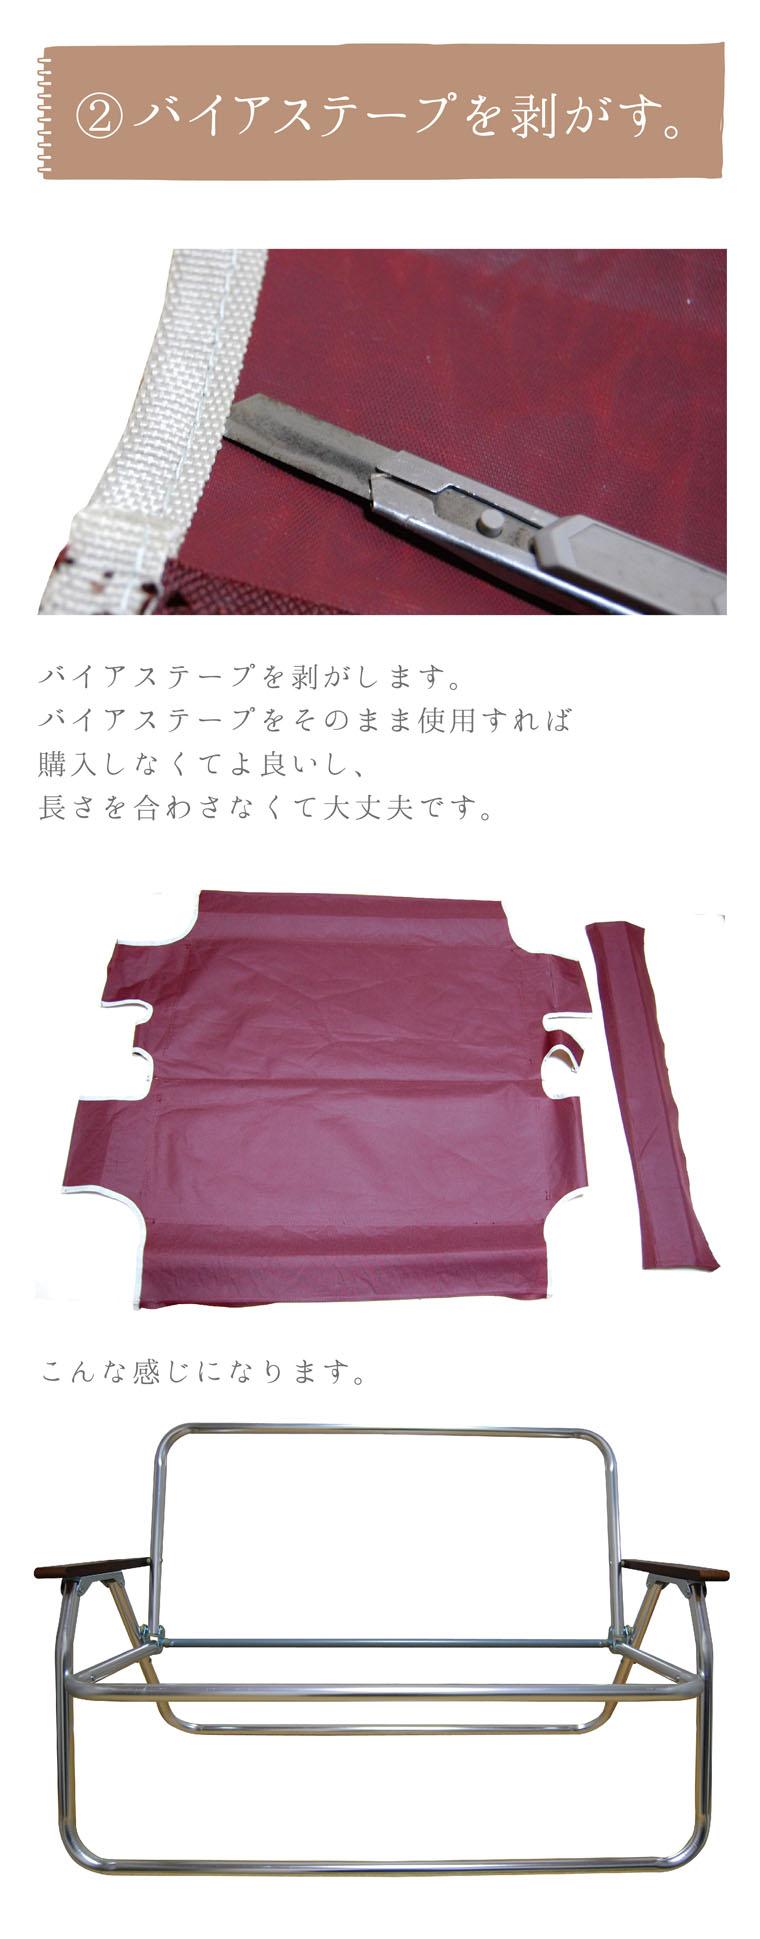 shikachair05